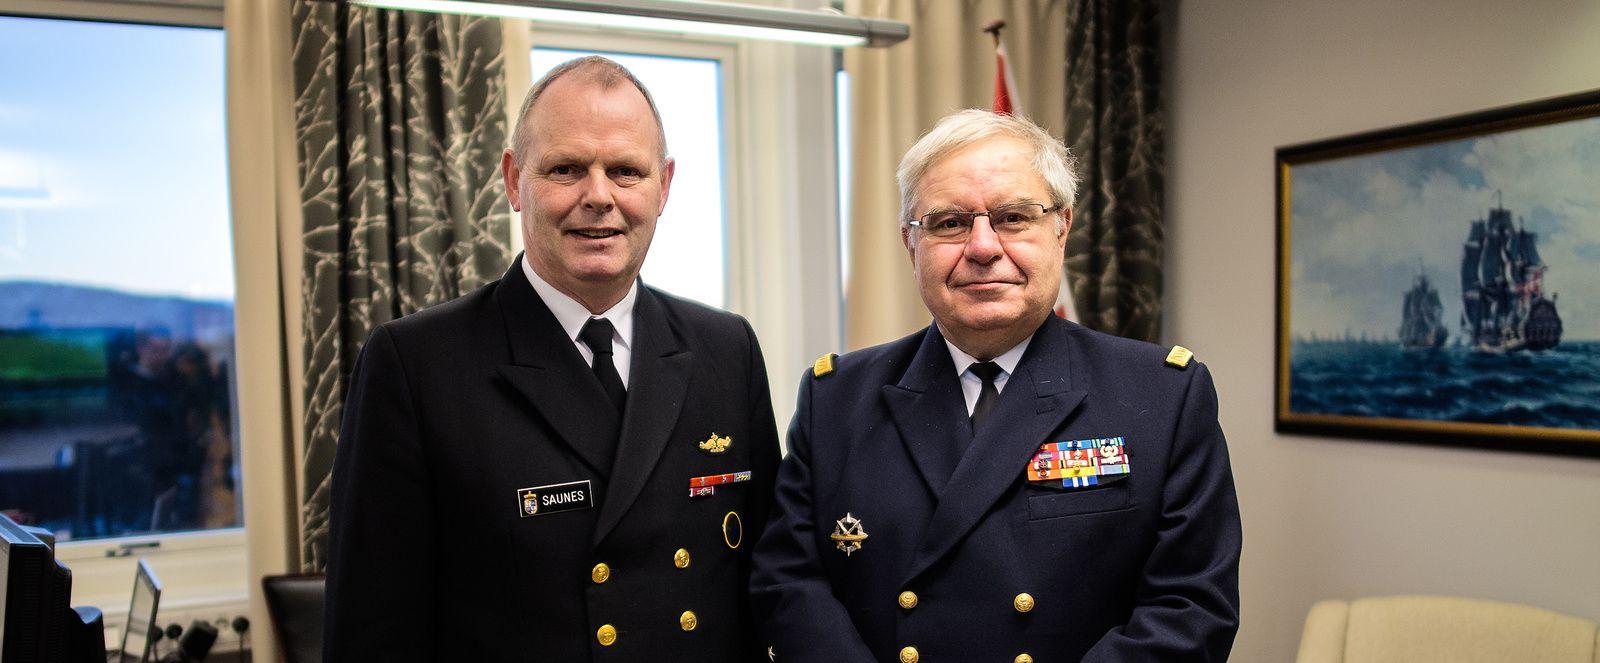 Déplacement du chef d'état-major de la Marine en Norvège